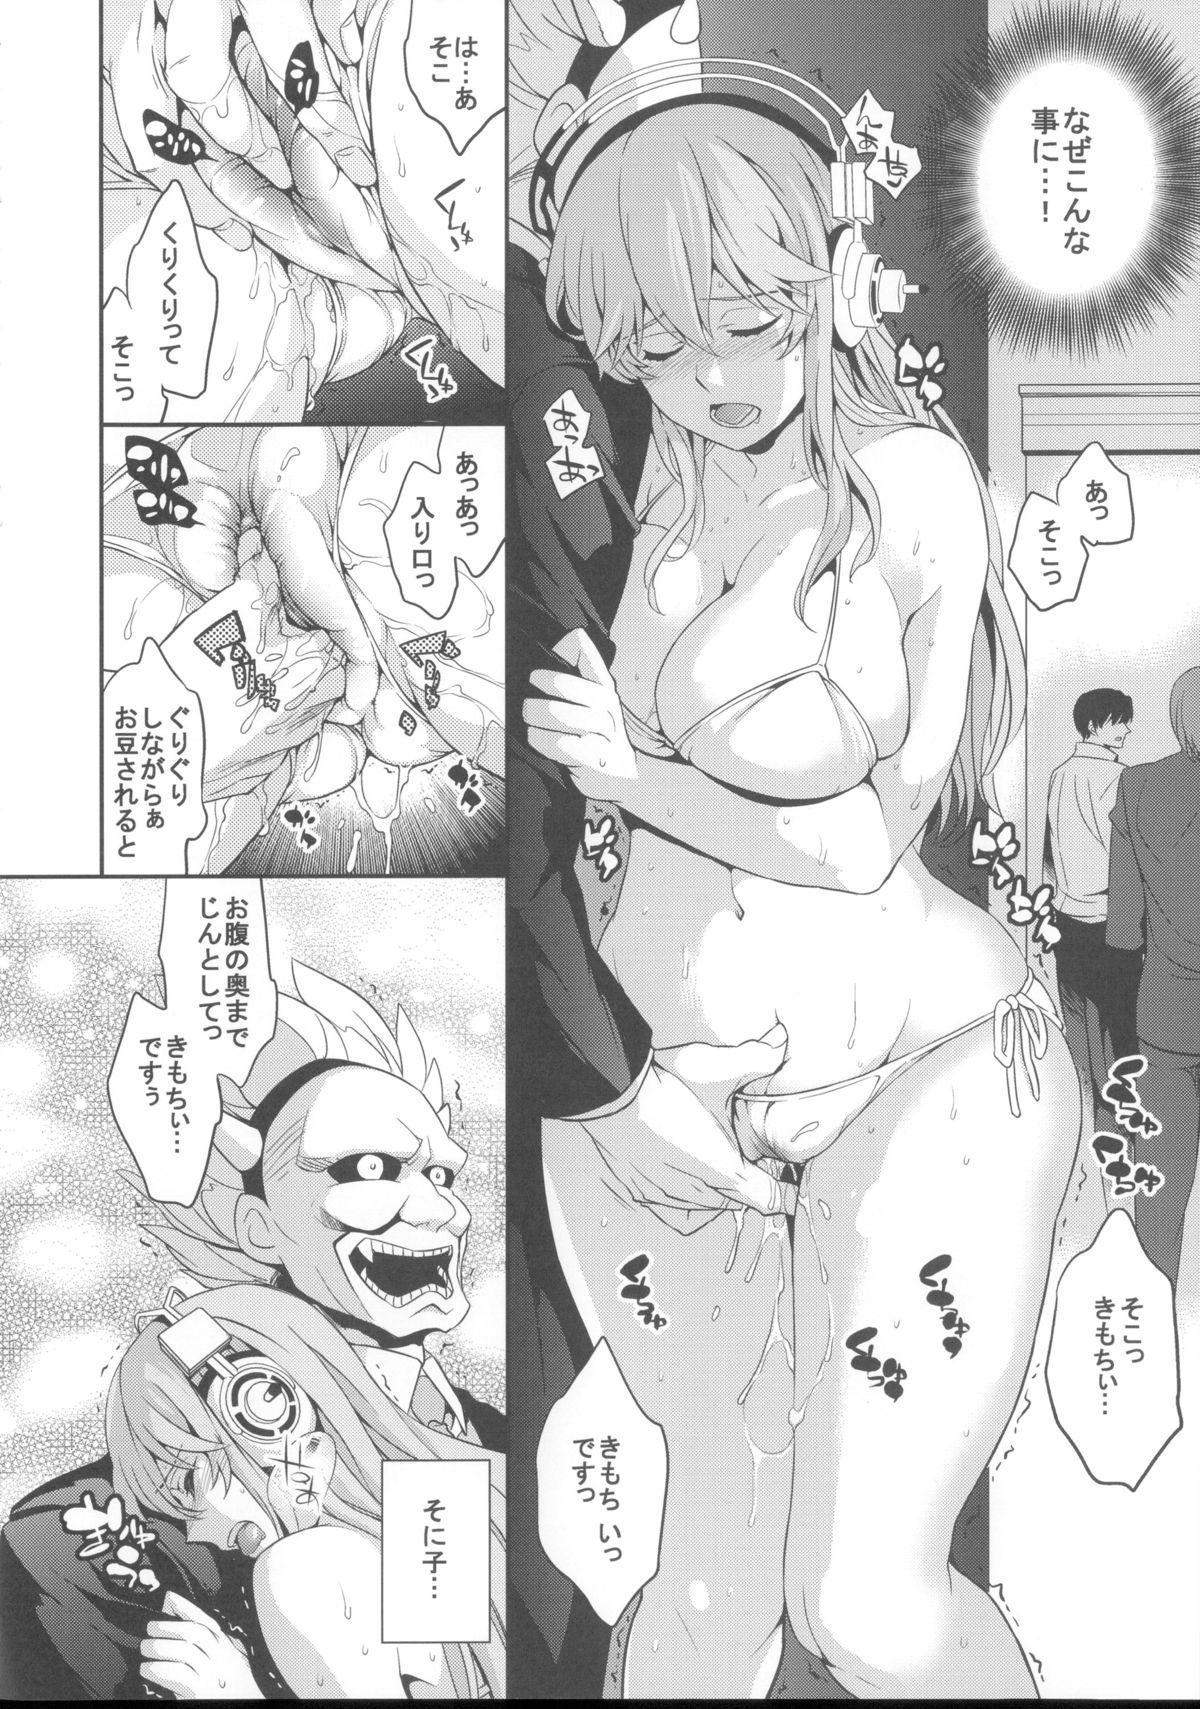 (SC63) [Crazy9 (Ichitaka)] C9-10 Soni-Ero (Super Sonico) 4